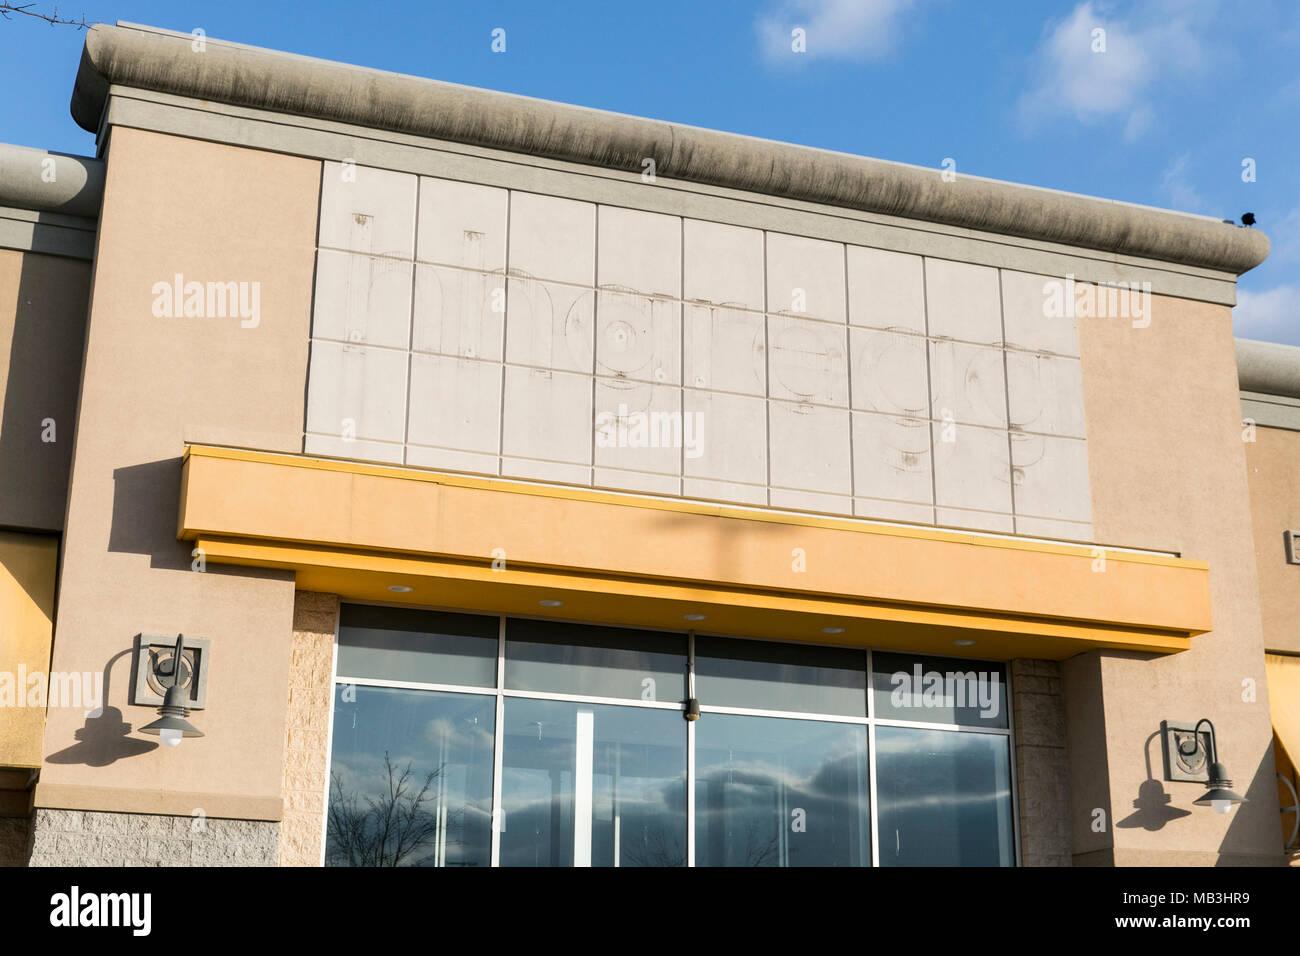 Die Umrisse Einer Hhgregg Logo In Einem Jetzt Geschlossen Store